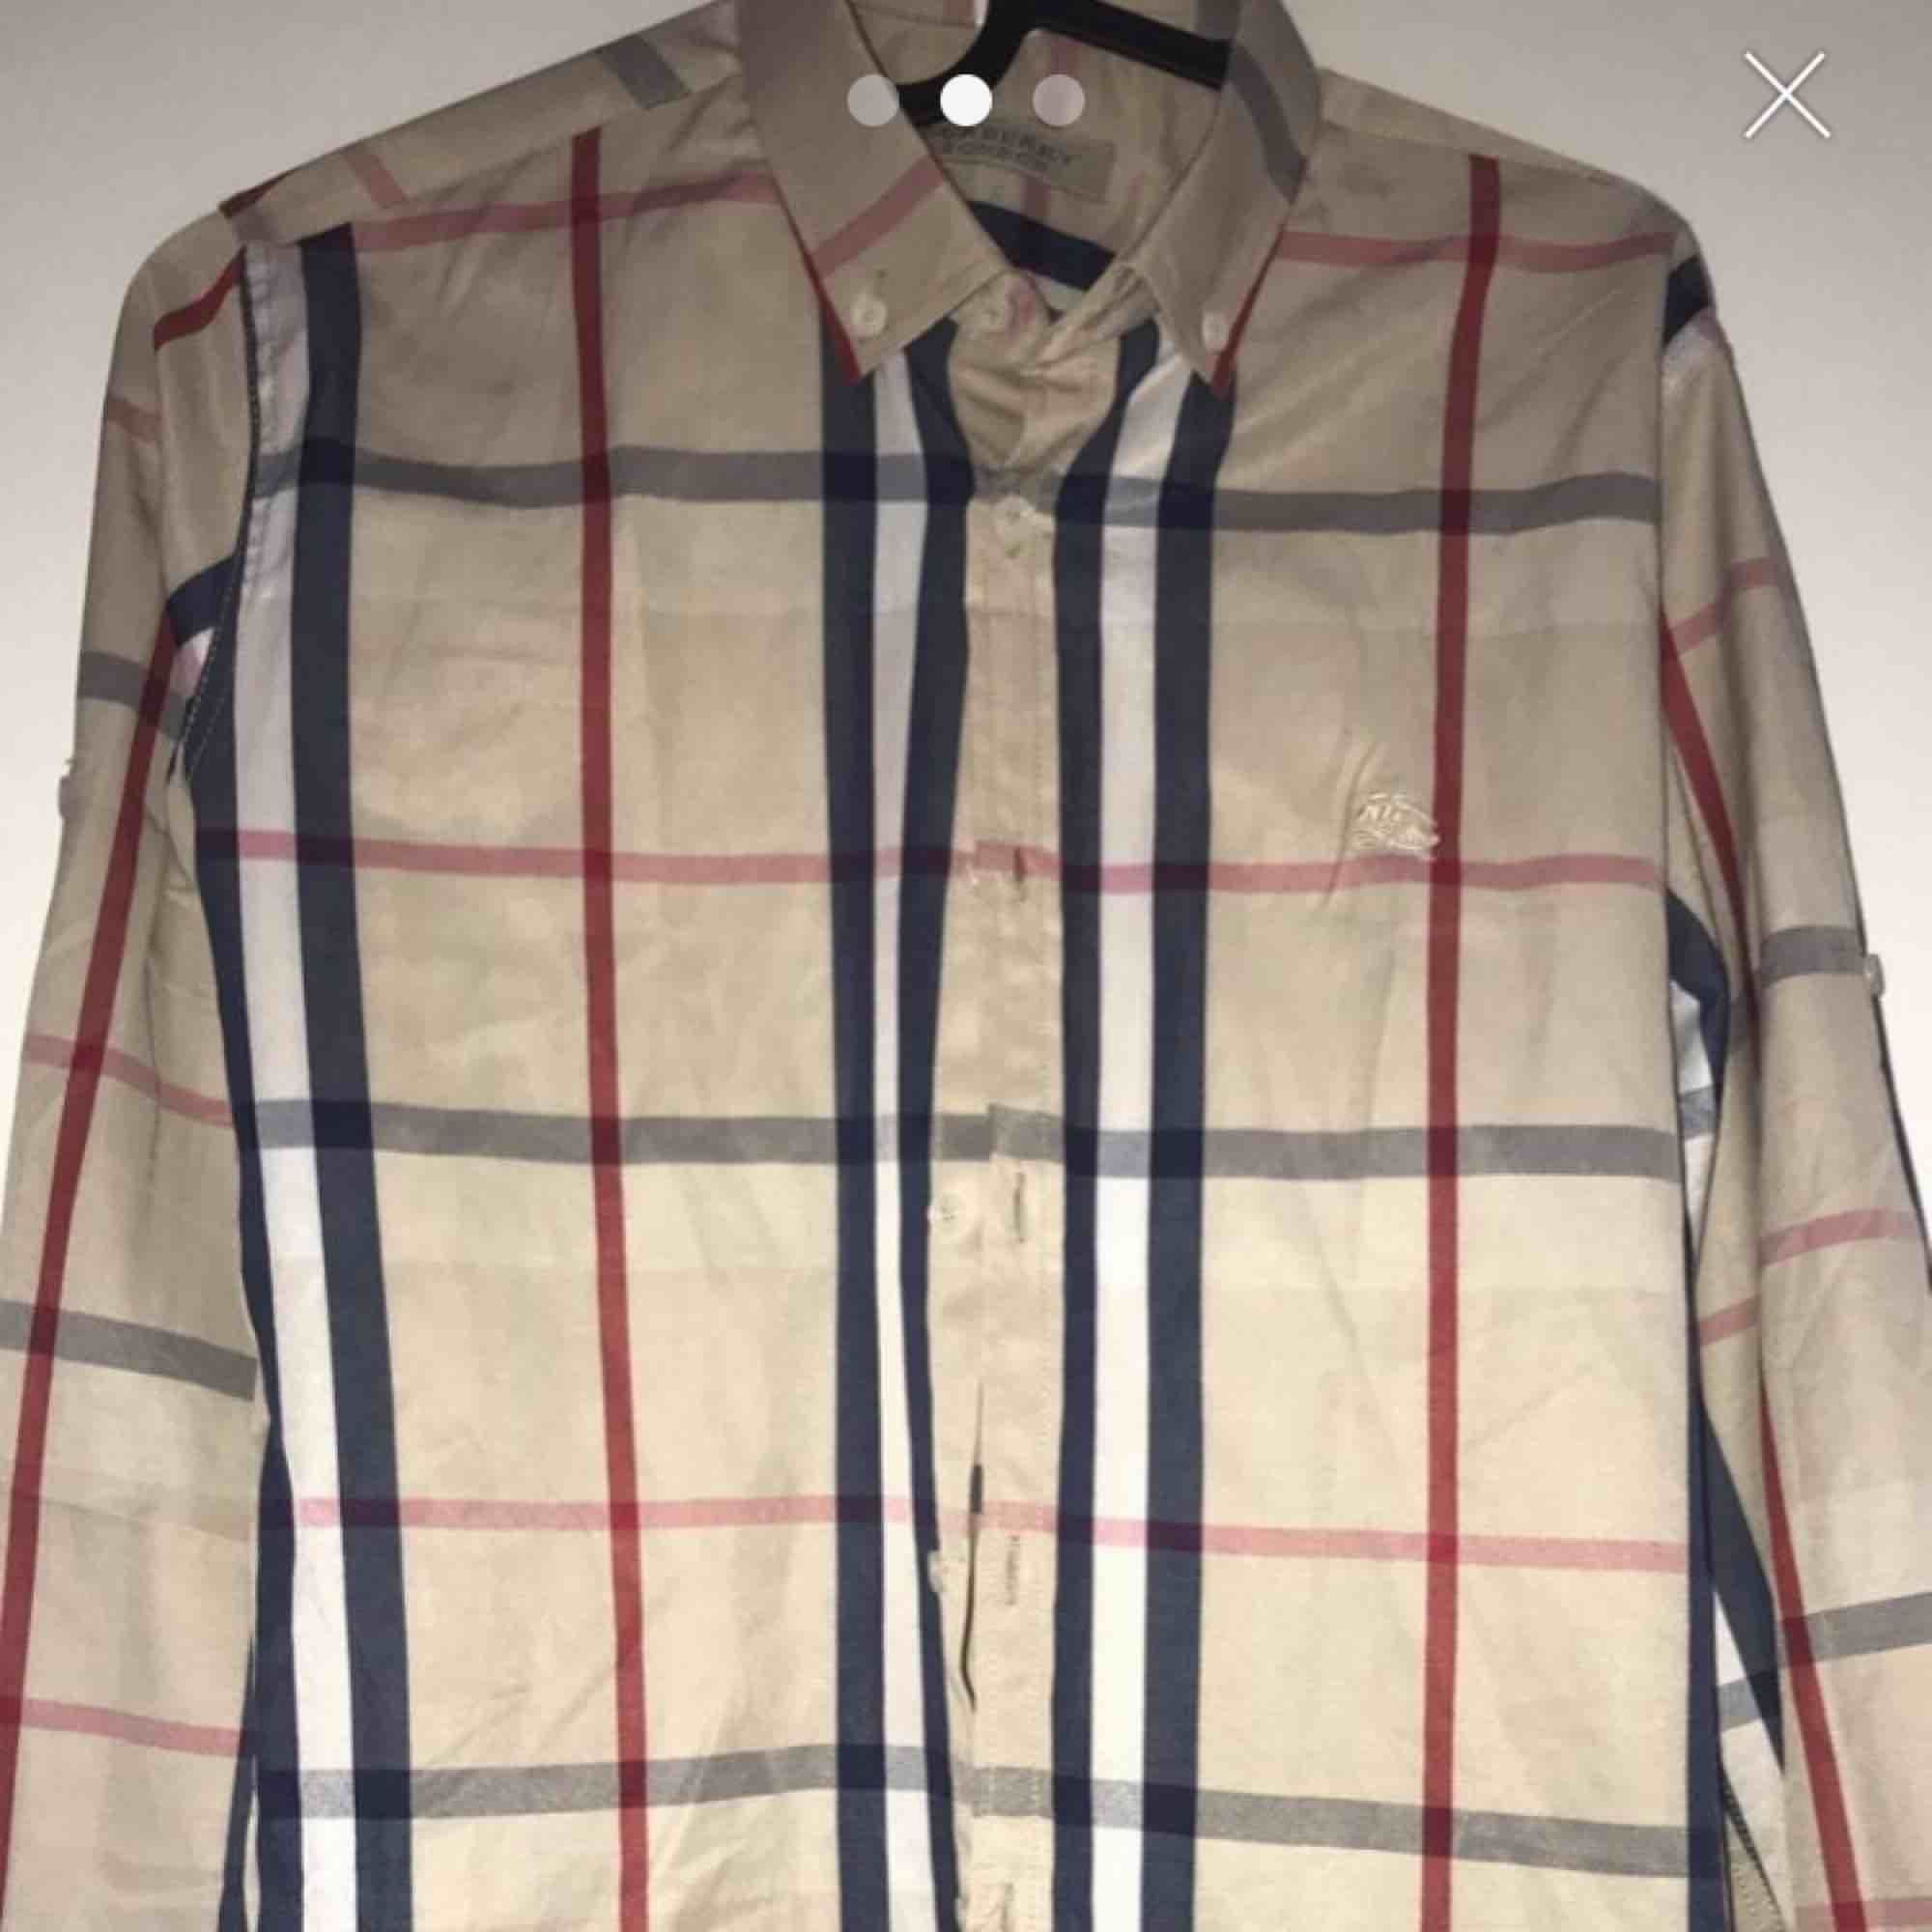 Burberry tröja storlek s/m  Både tjejer och killar och  kan använda  A kopia . Skjortor.